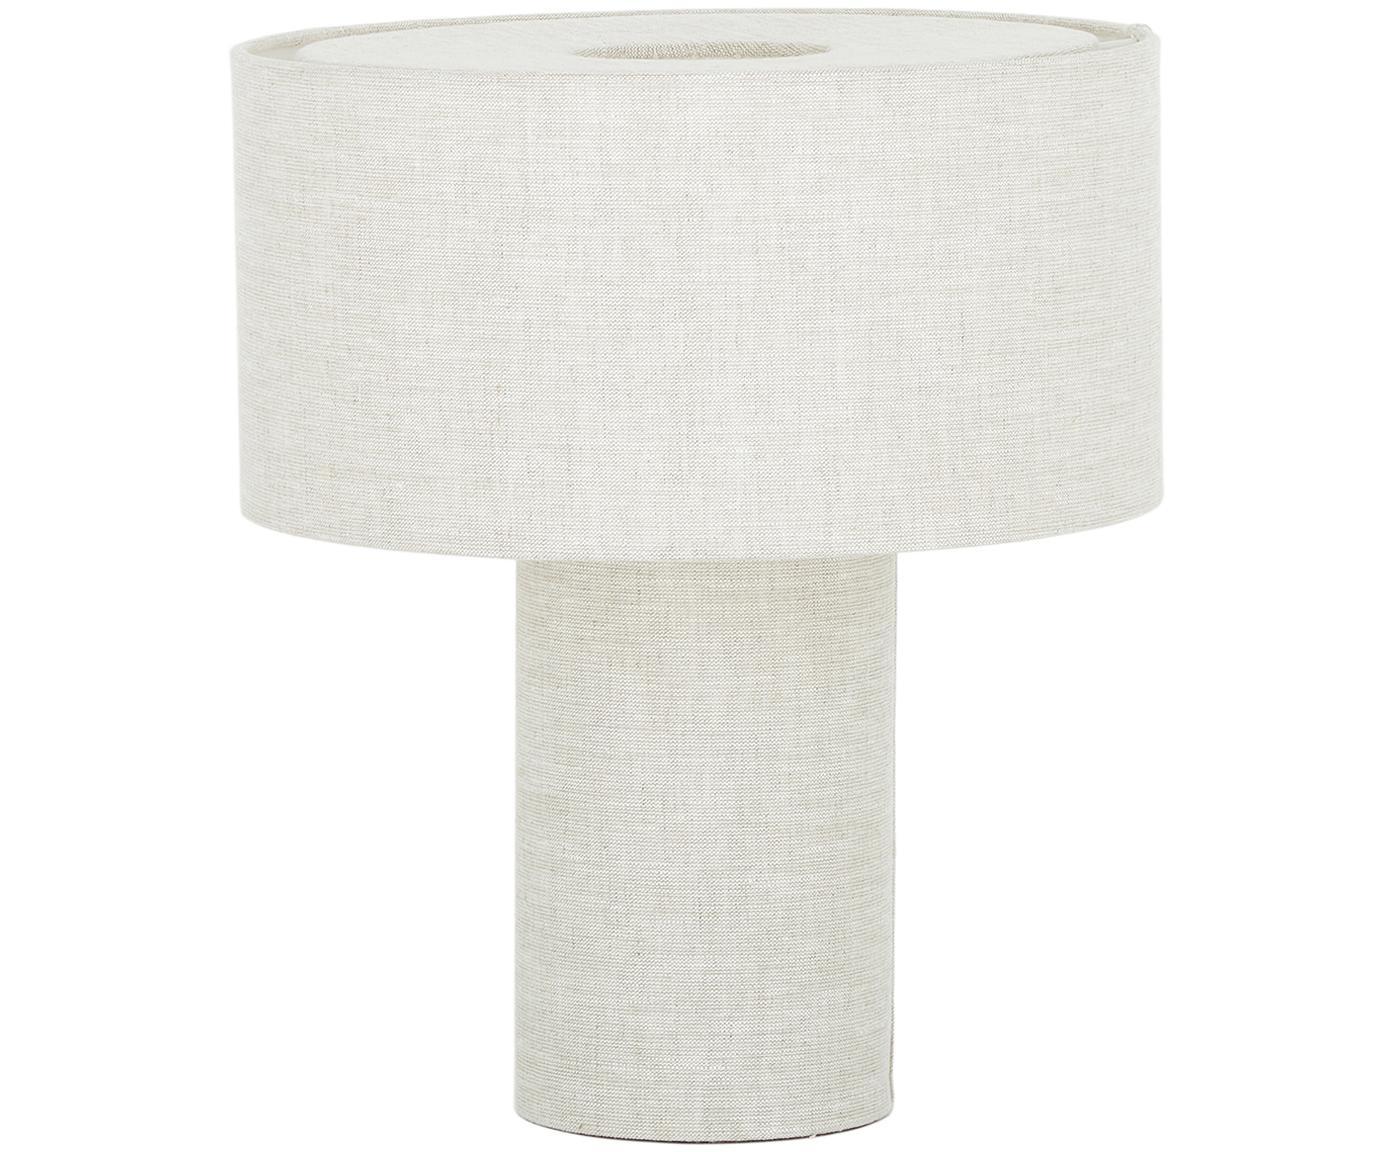 Tischleuchte Ron, Lampenschirm: Textil, Lampenfuß: Kunststoff mit Textilbezu, Beige, Ø 30 x H 35 cm